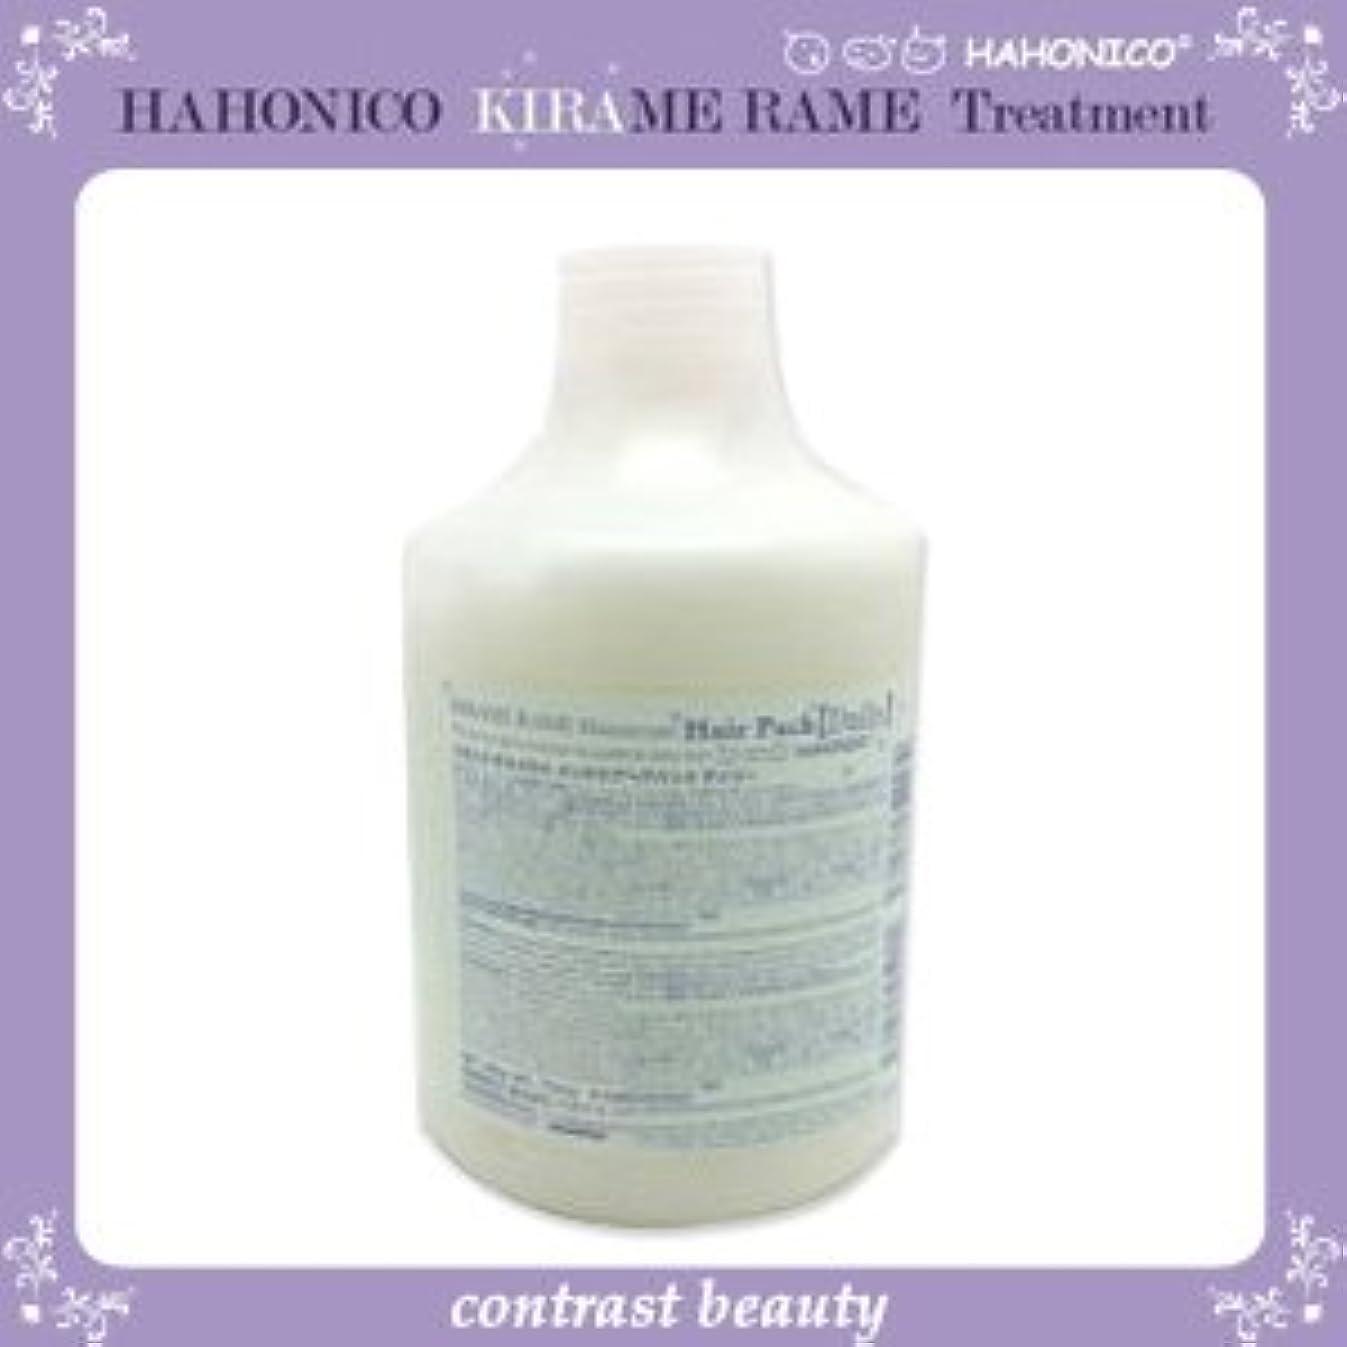 失業者時折の頭の上【X4個セット】 ハホニコ キラメラメ メンテケアヘアパックデイリー 500g KIRAME RAME HAHONICO